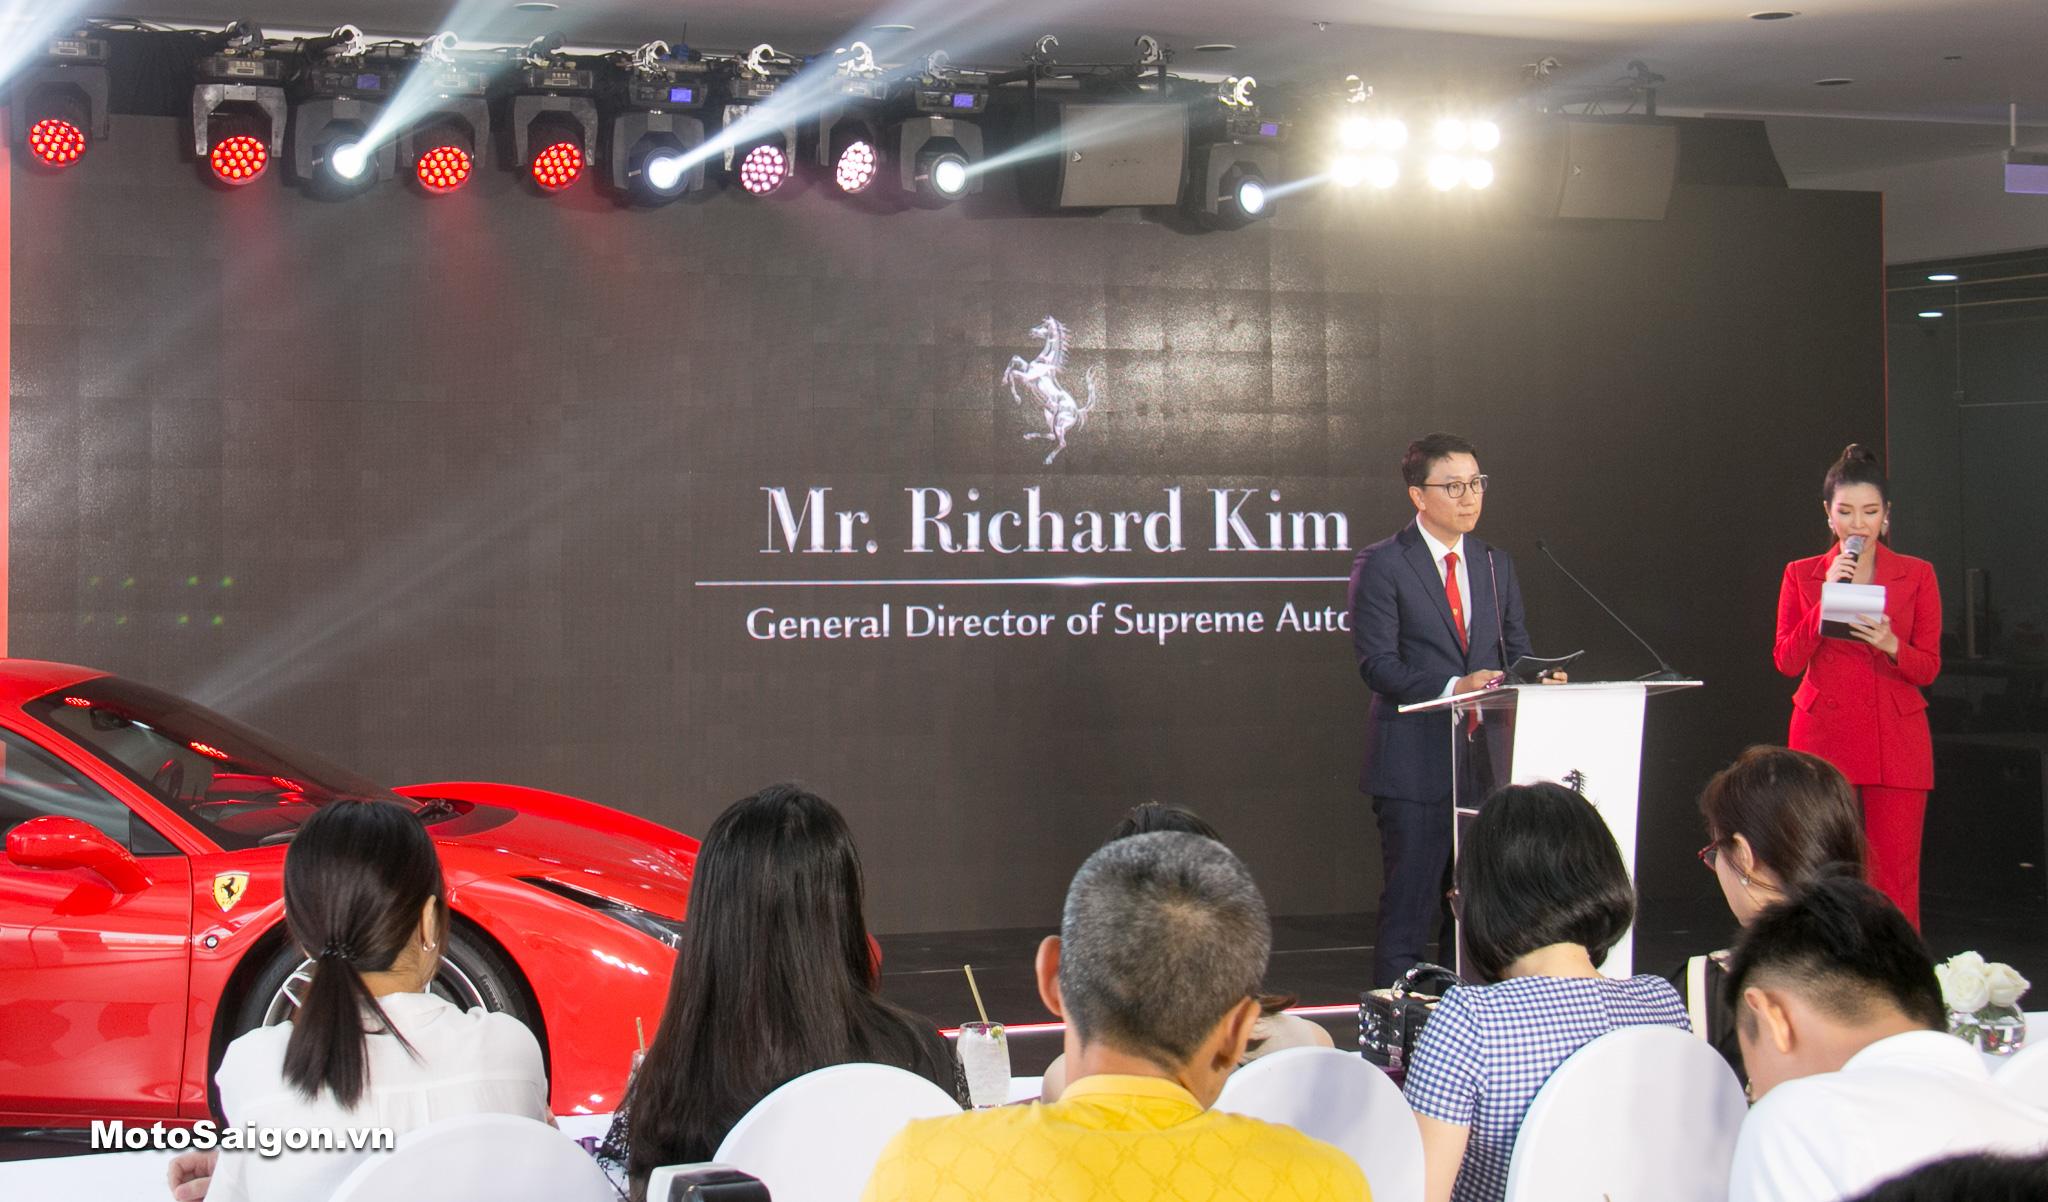 Ông Richard Kim, Tổng Giám đốc công ty Supreme Auto